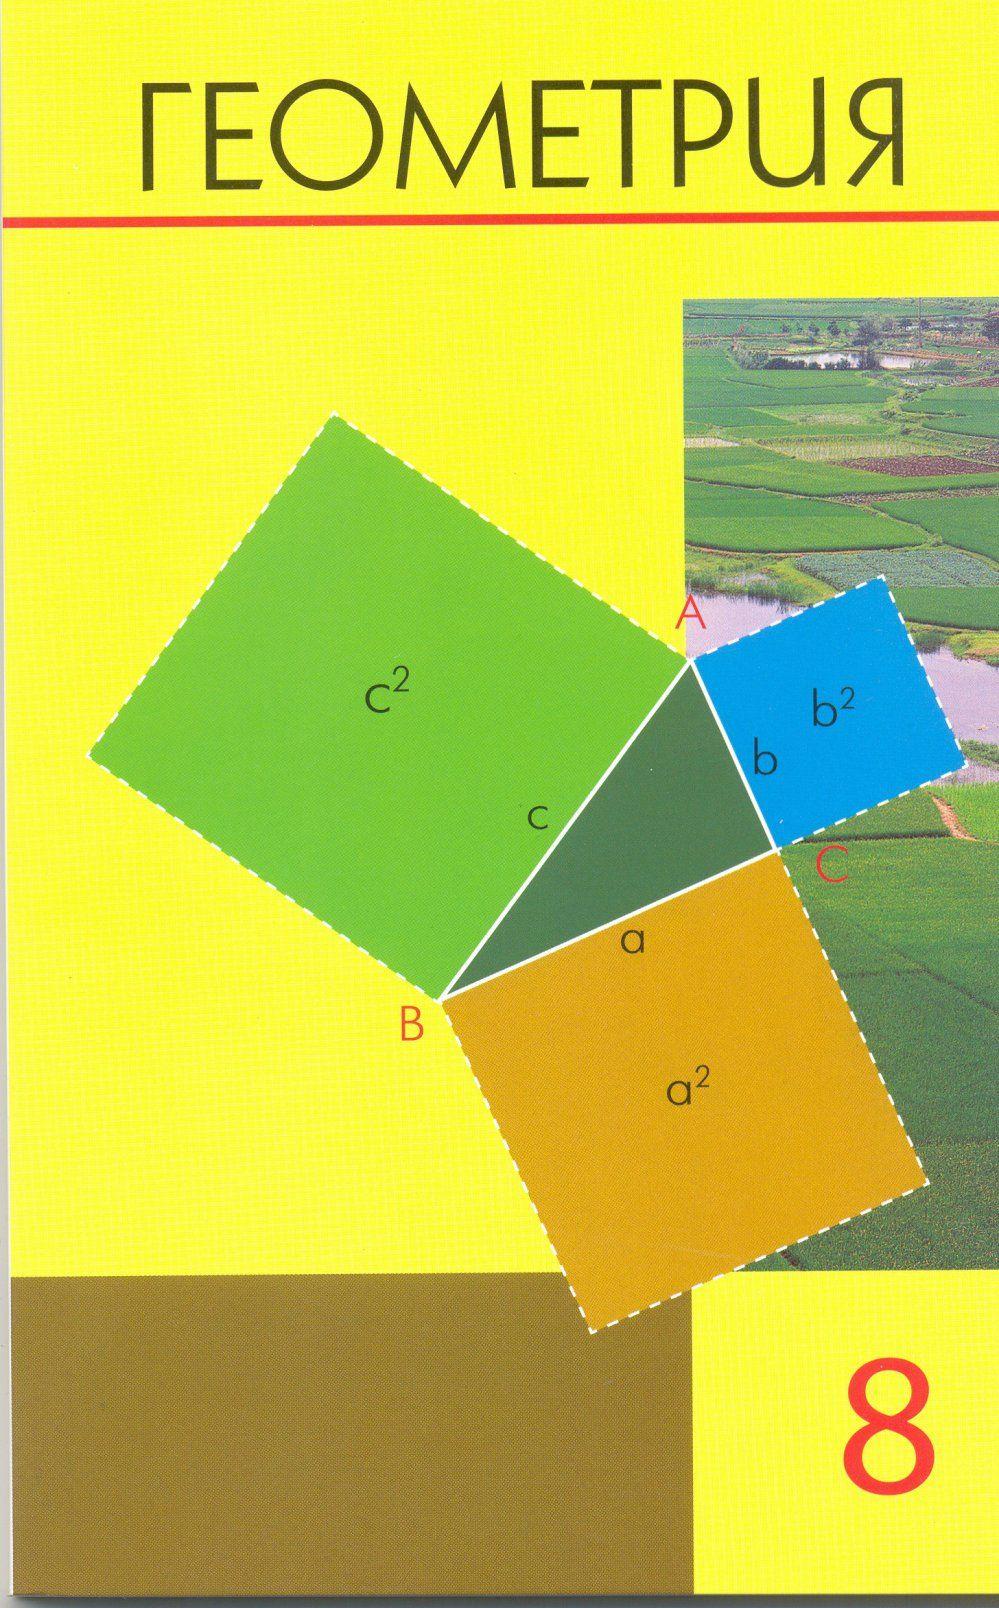 Геометрия 8 класс шыныбеков ответы